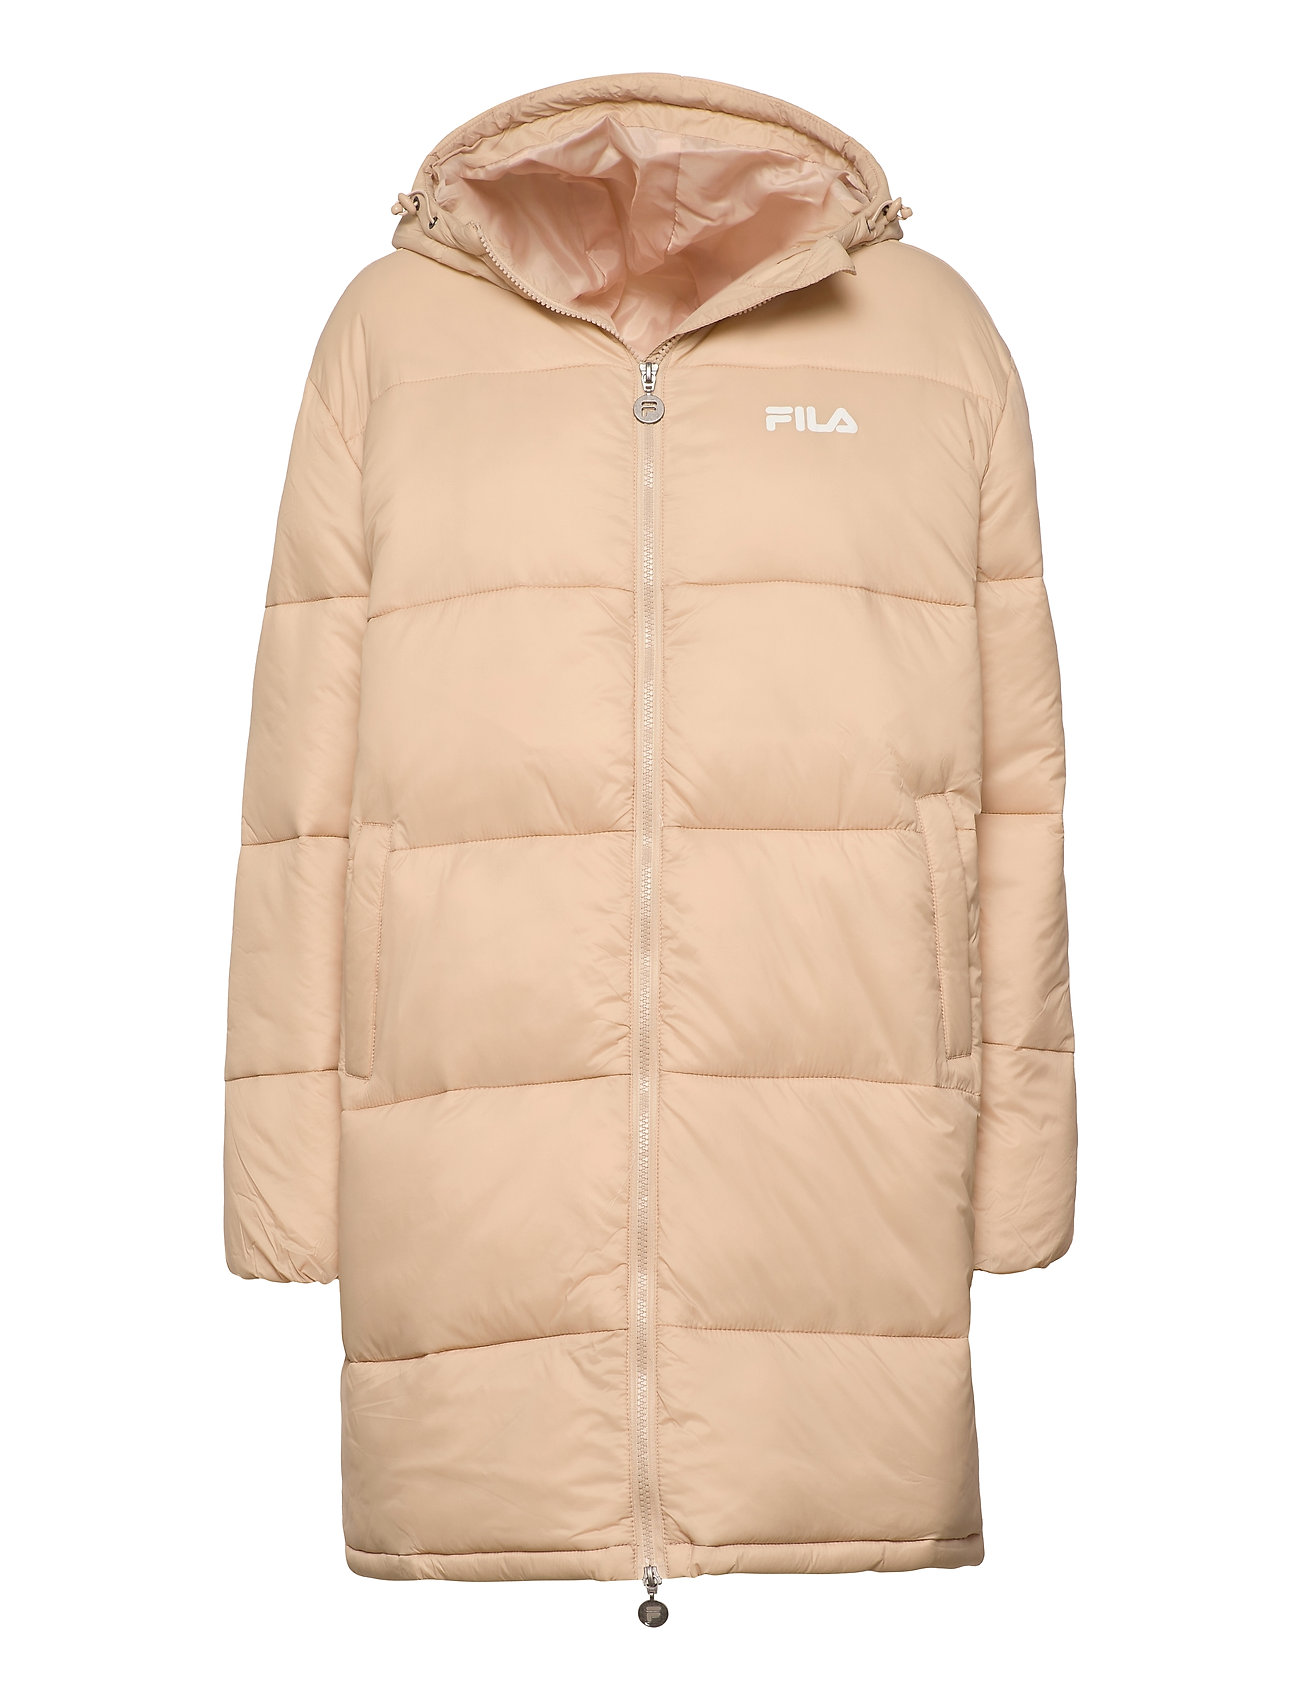 Image of Women Bronwen Puff Hood Jacket Foret Jakke Brun FILA (3461978731)